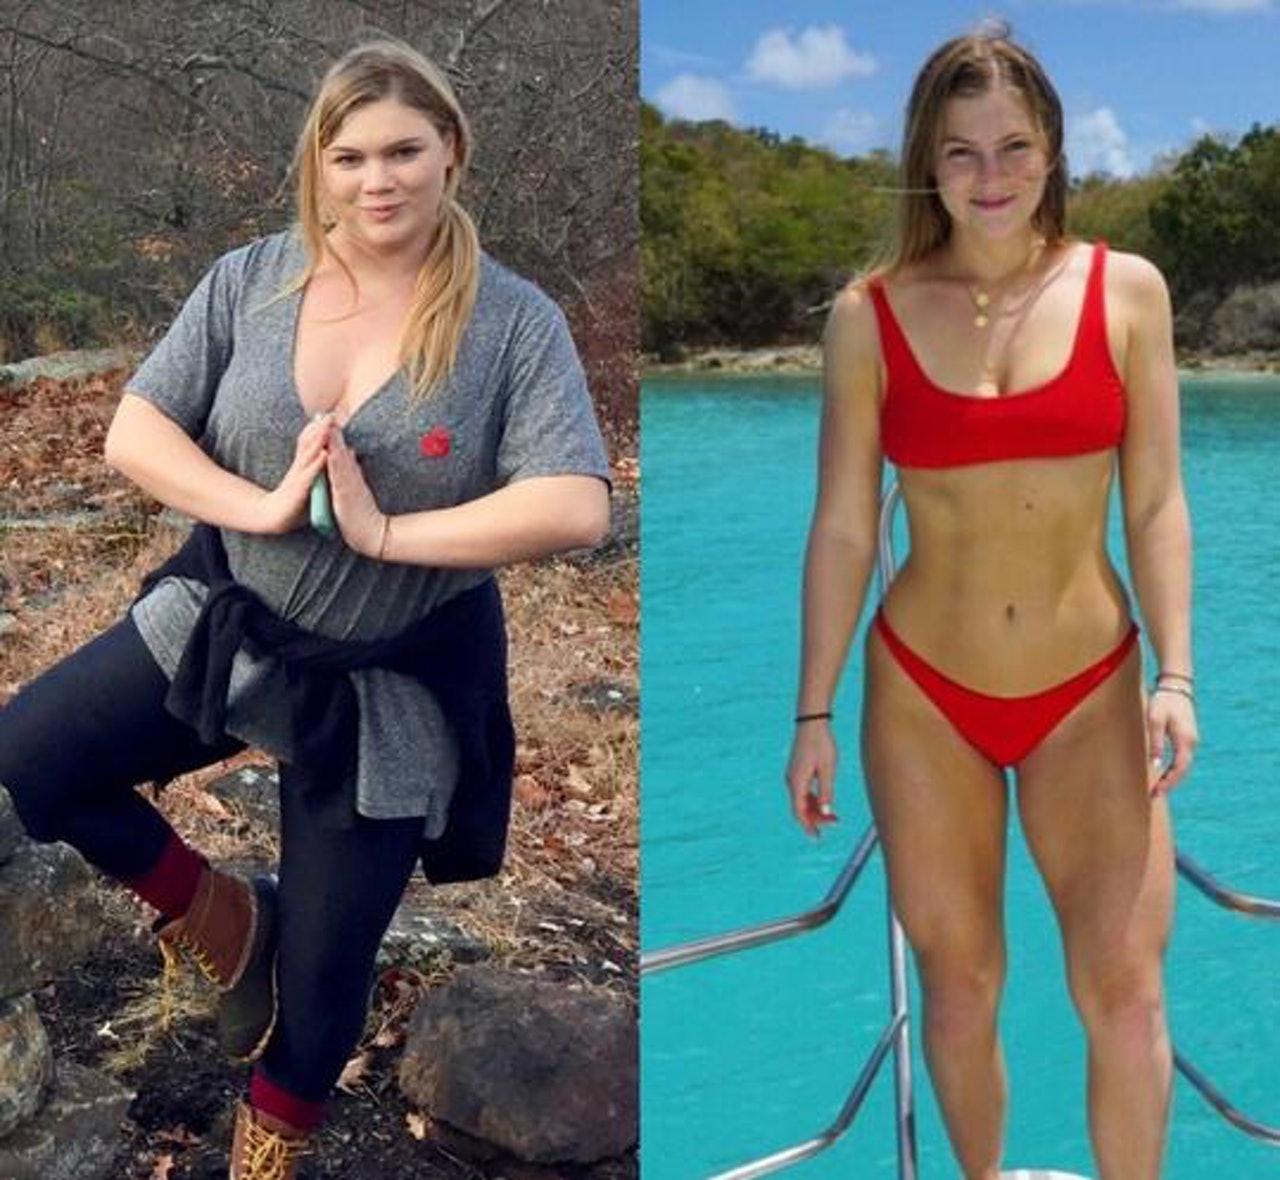 不应被体重定义快乐,美国肥妹靠健身变阳光美女